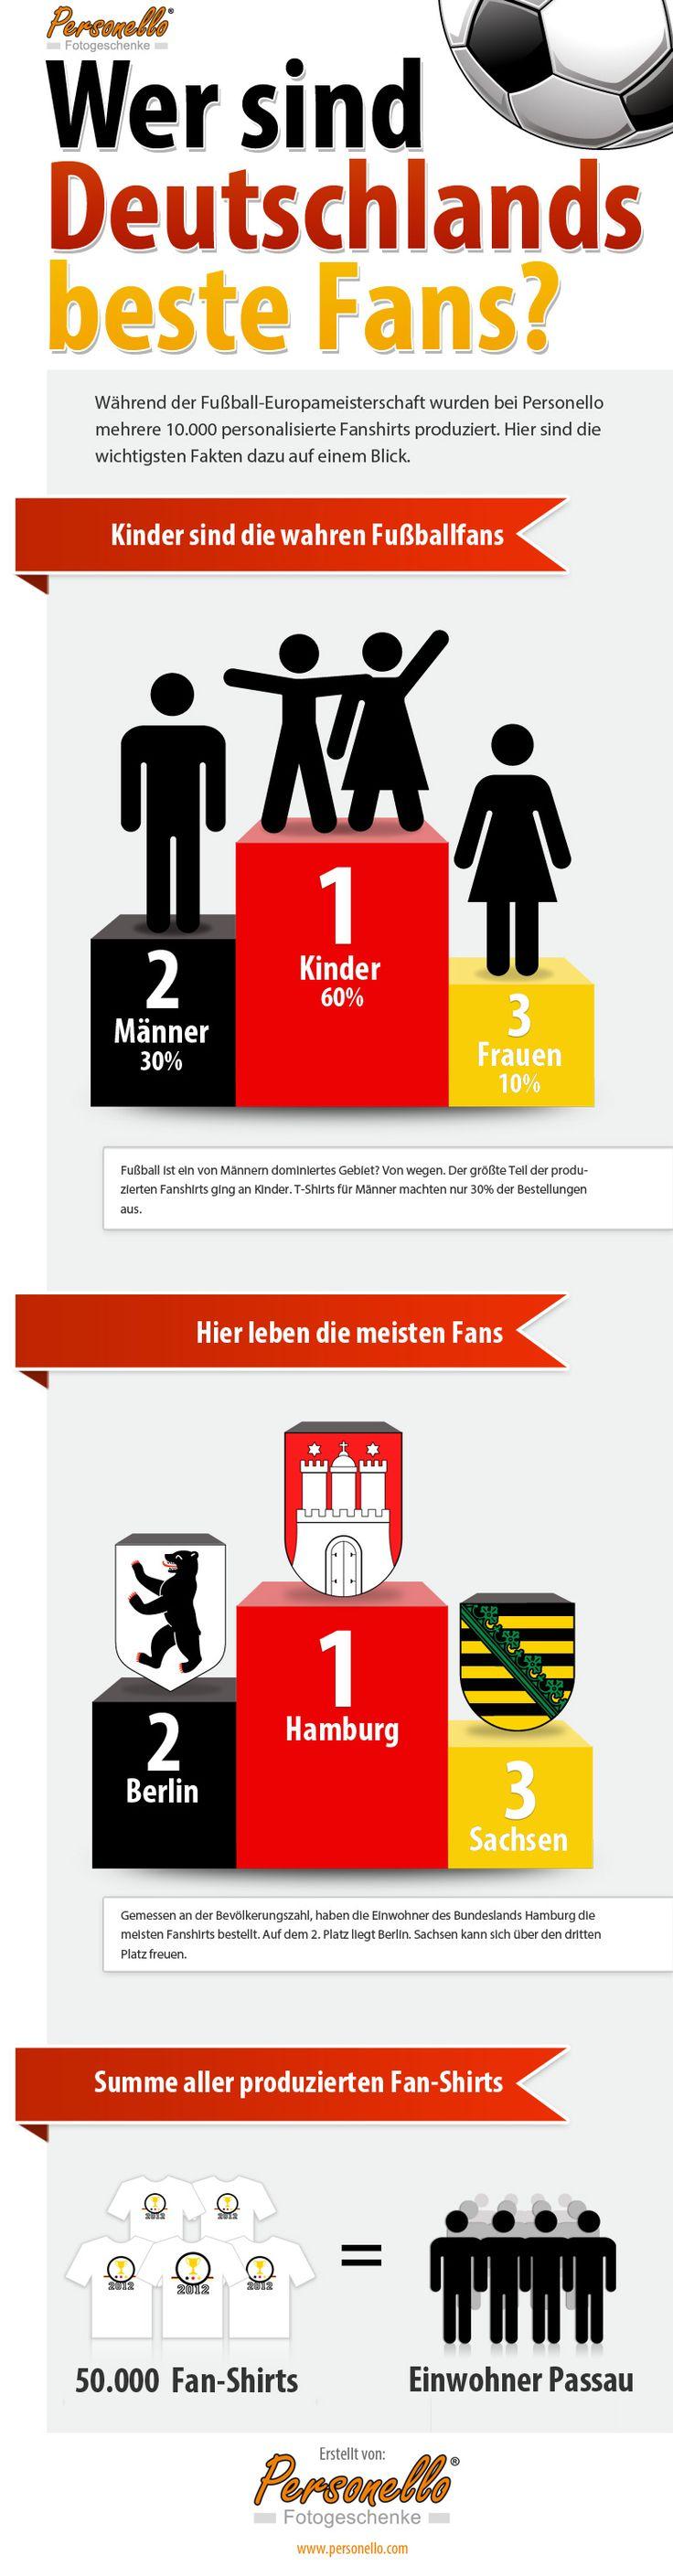 Infografik zur EM: Entdecken Sie erstaunliche Fakten zum Thema Fußballfans in Deutschland. Jetzt ansehen!